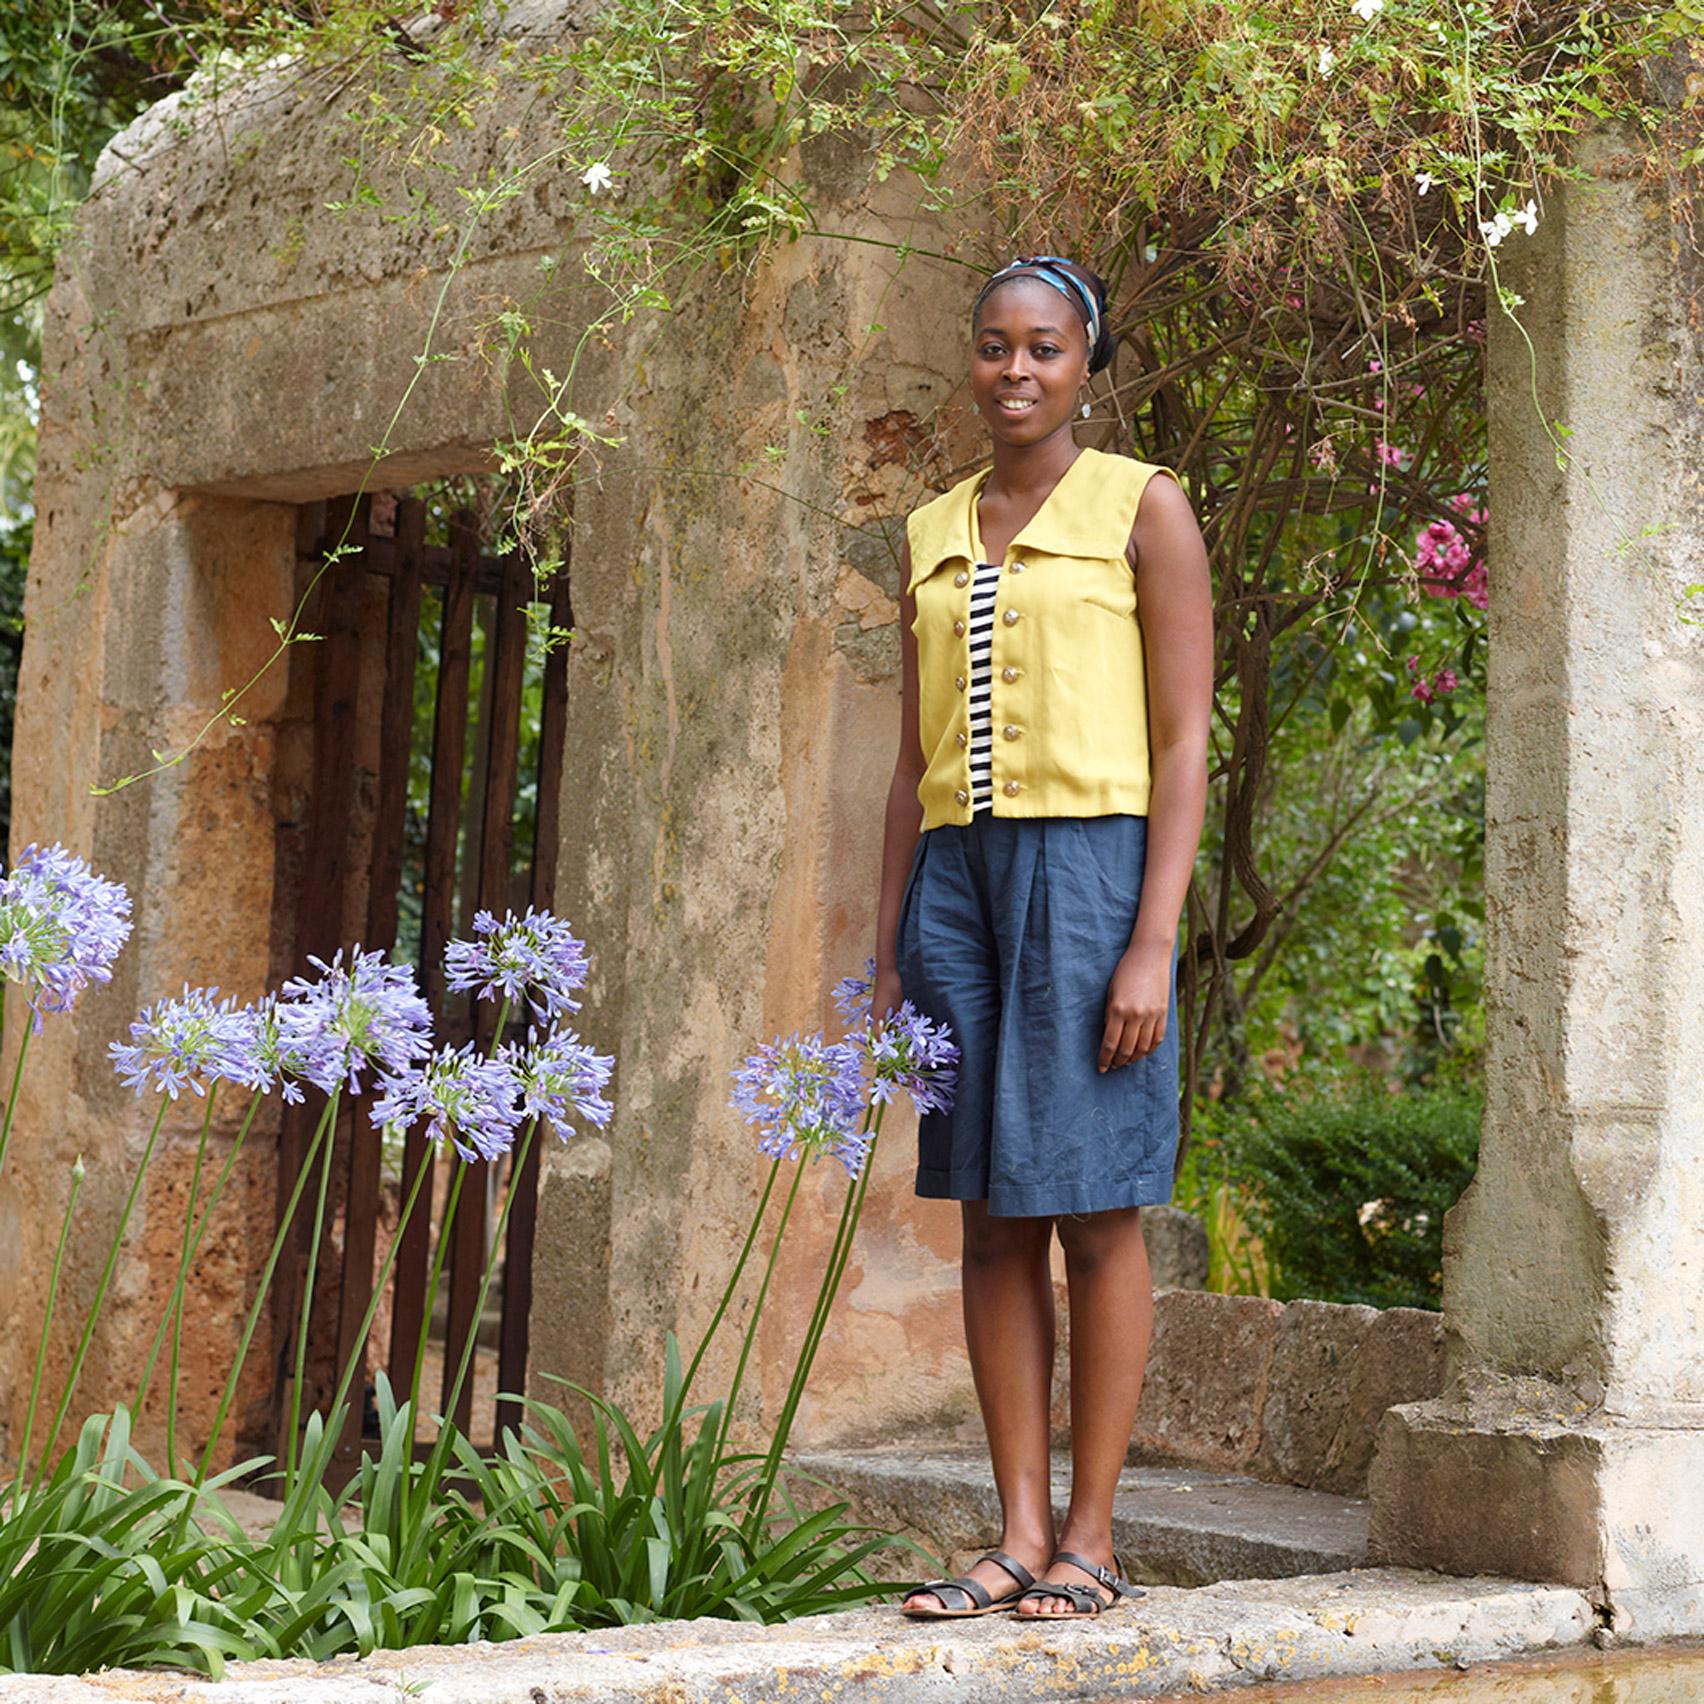 Yemi Awosile